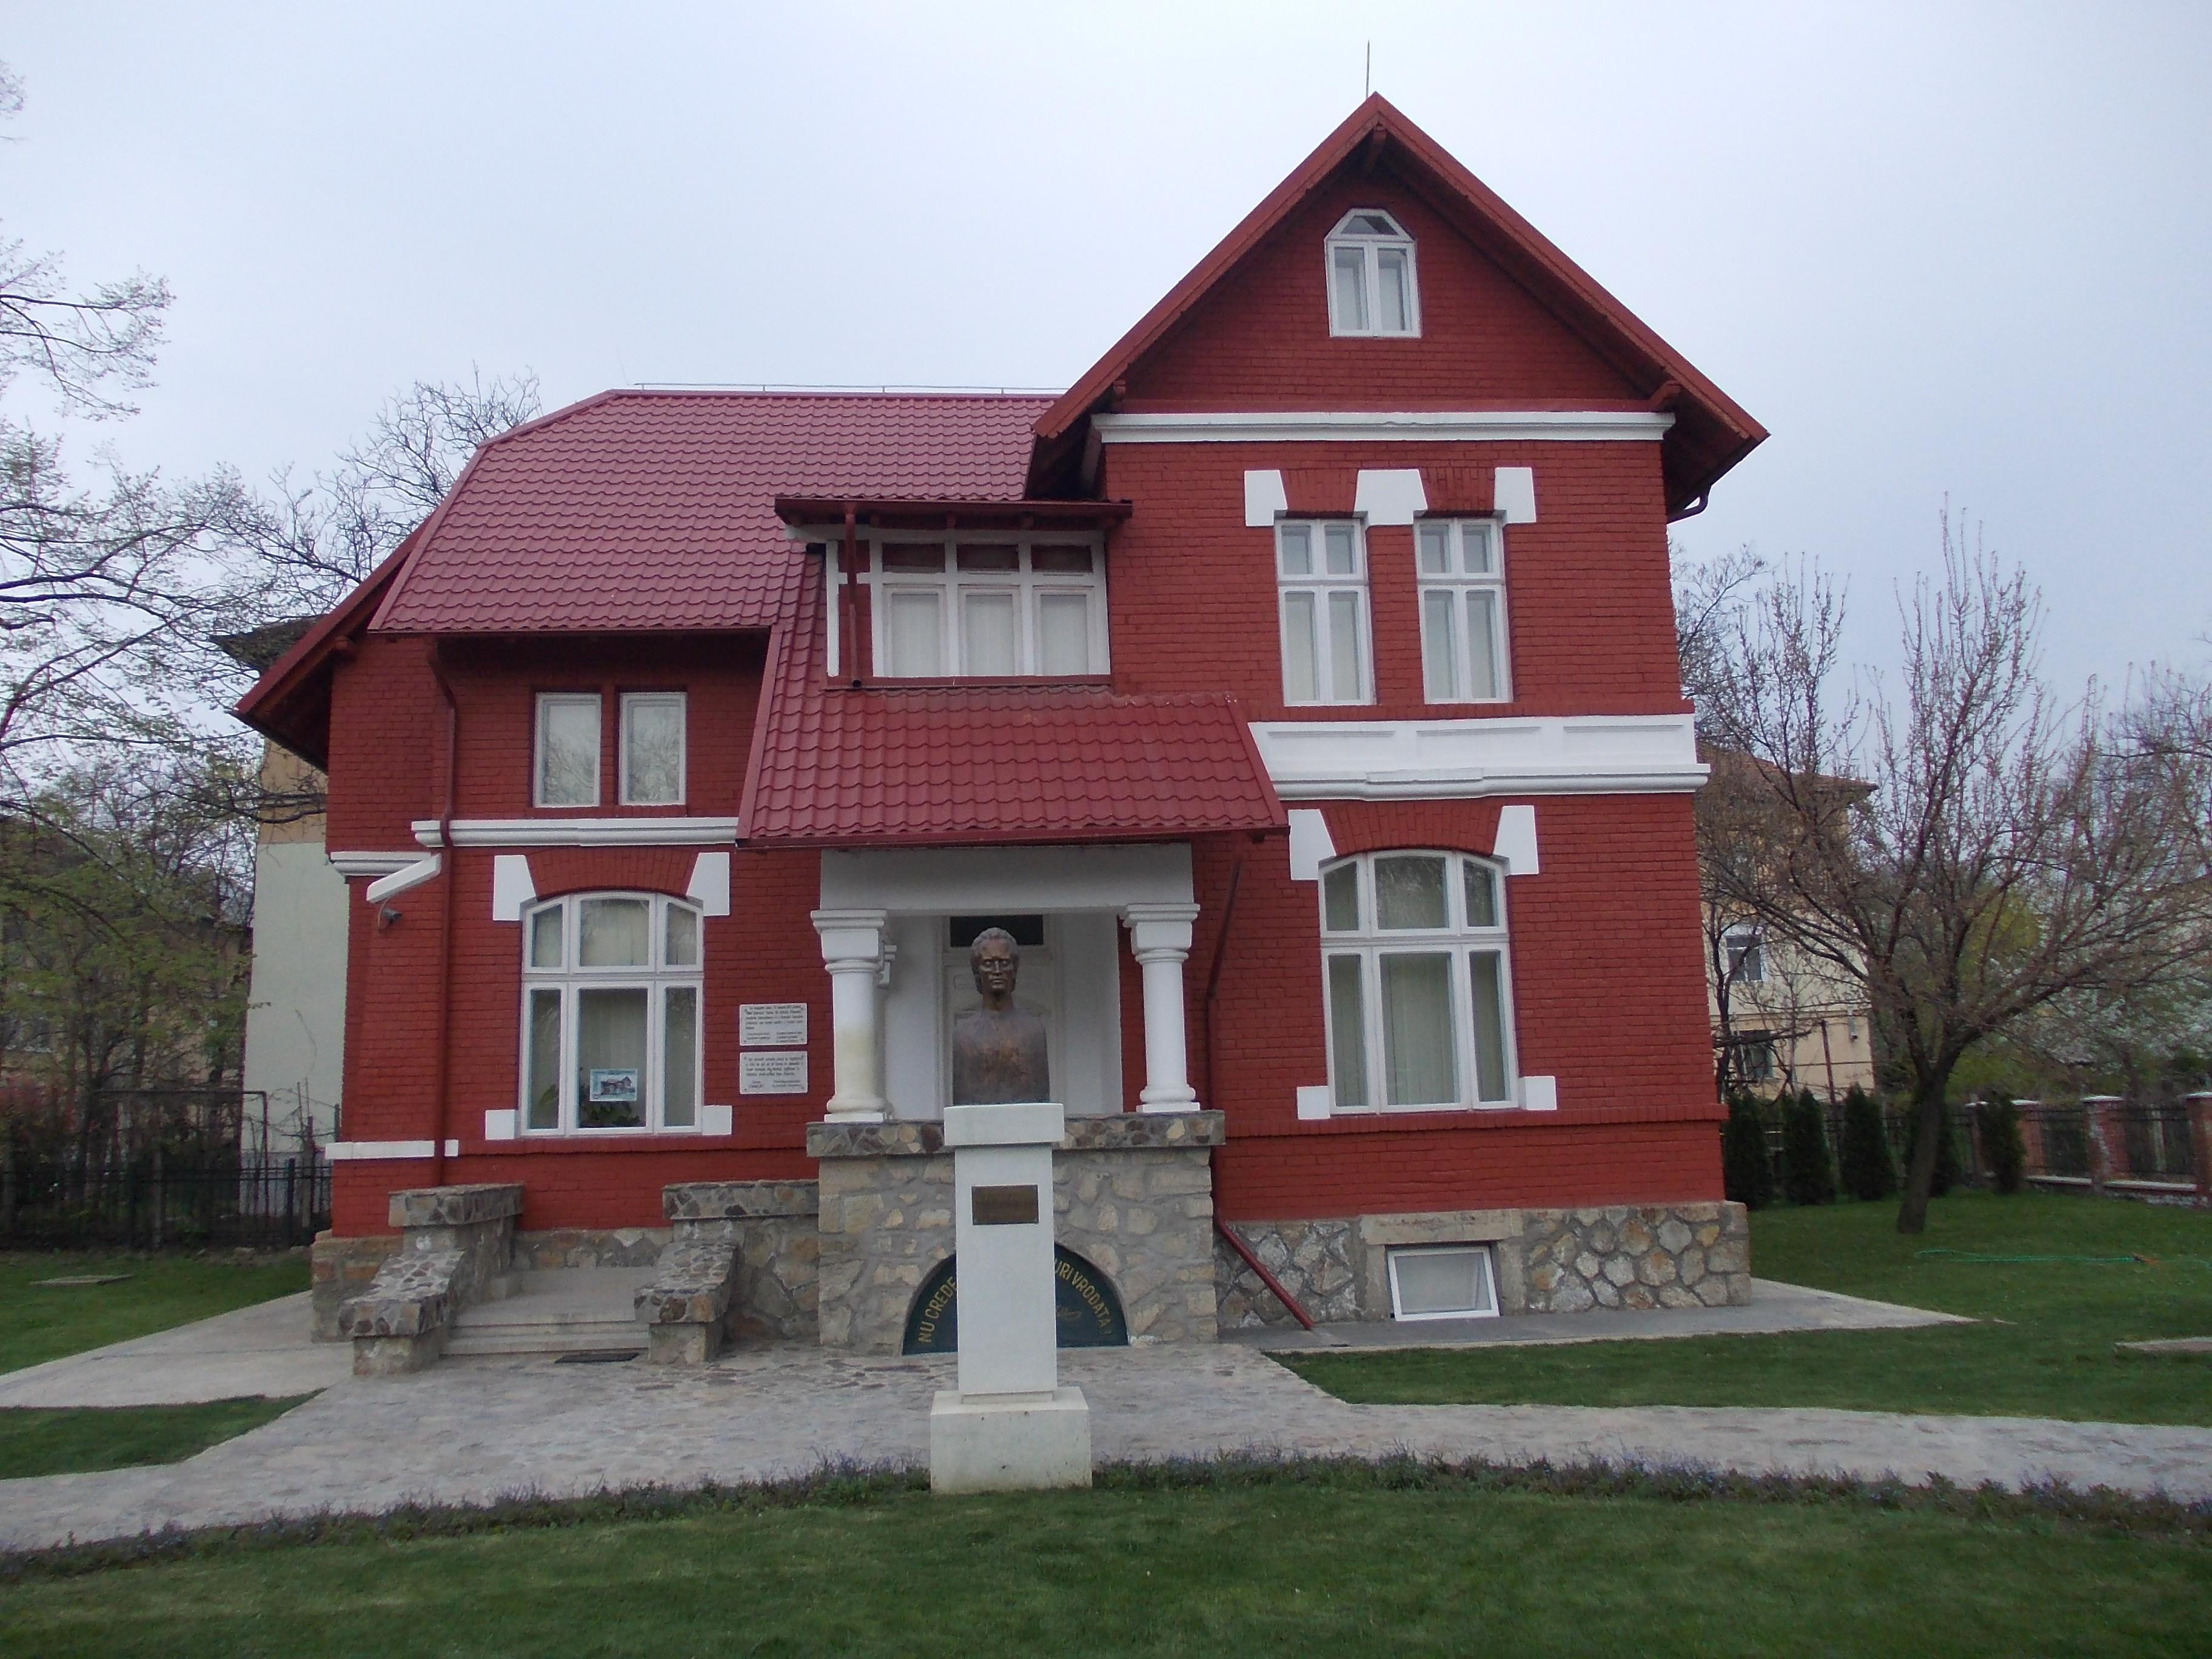 File Casa Roja Wikimedia mons